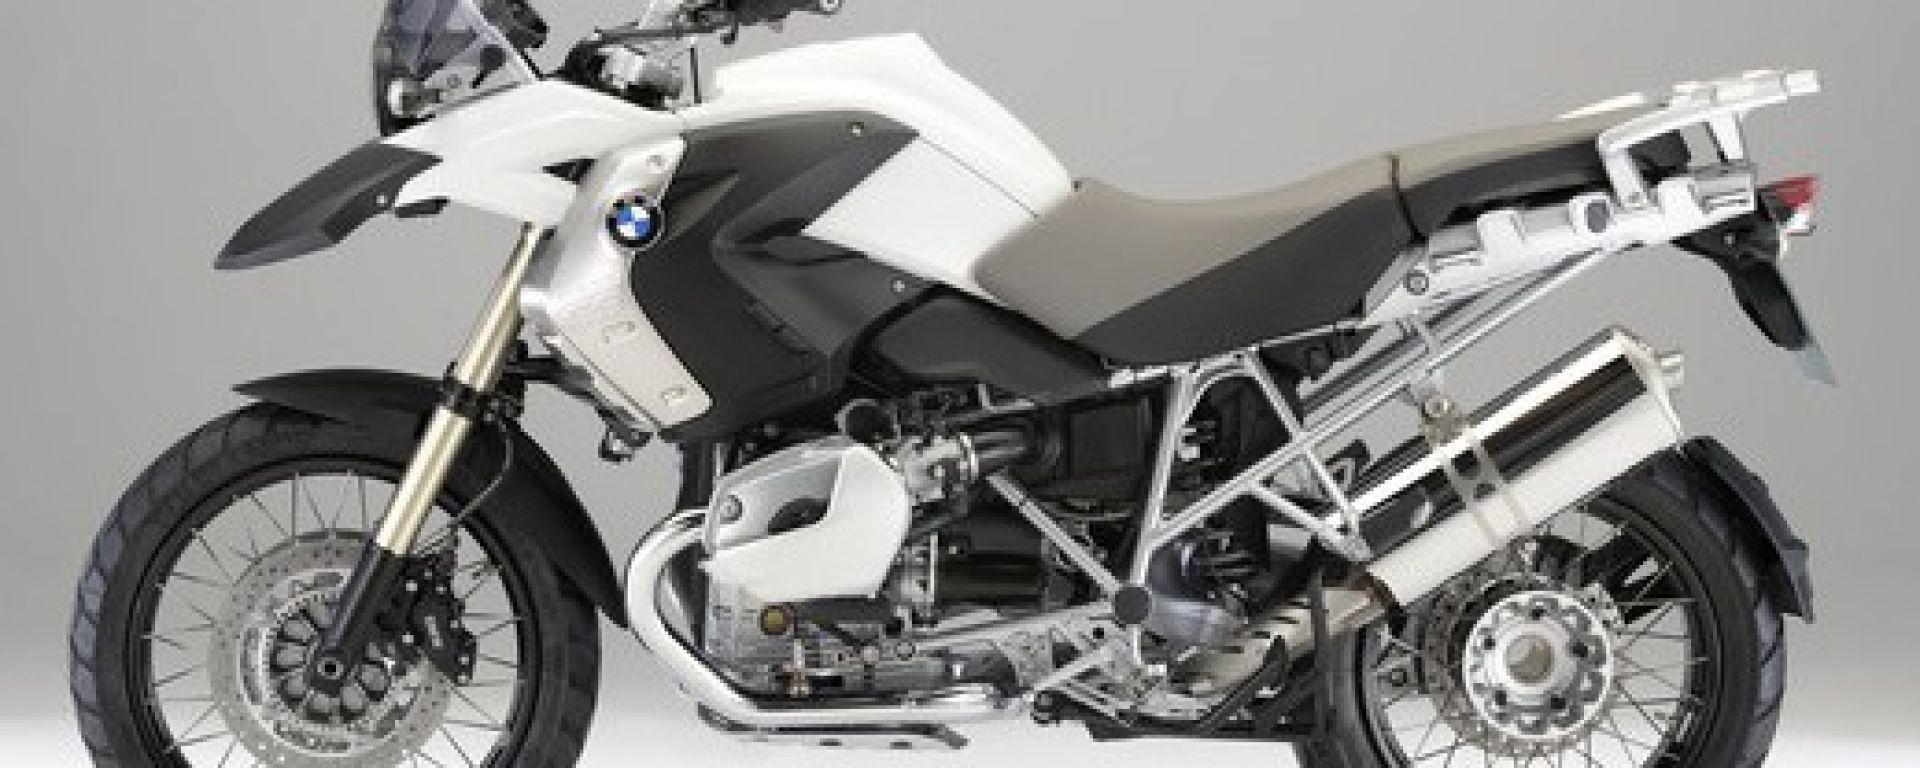 BMW R 1200 GS Alpine White